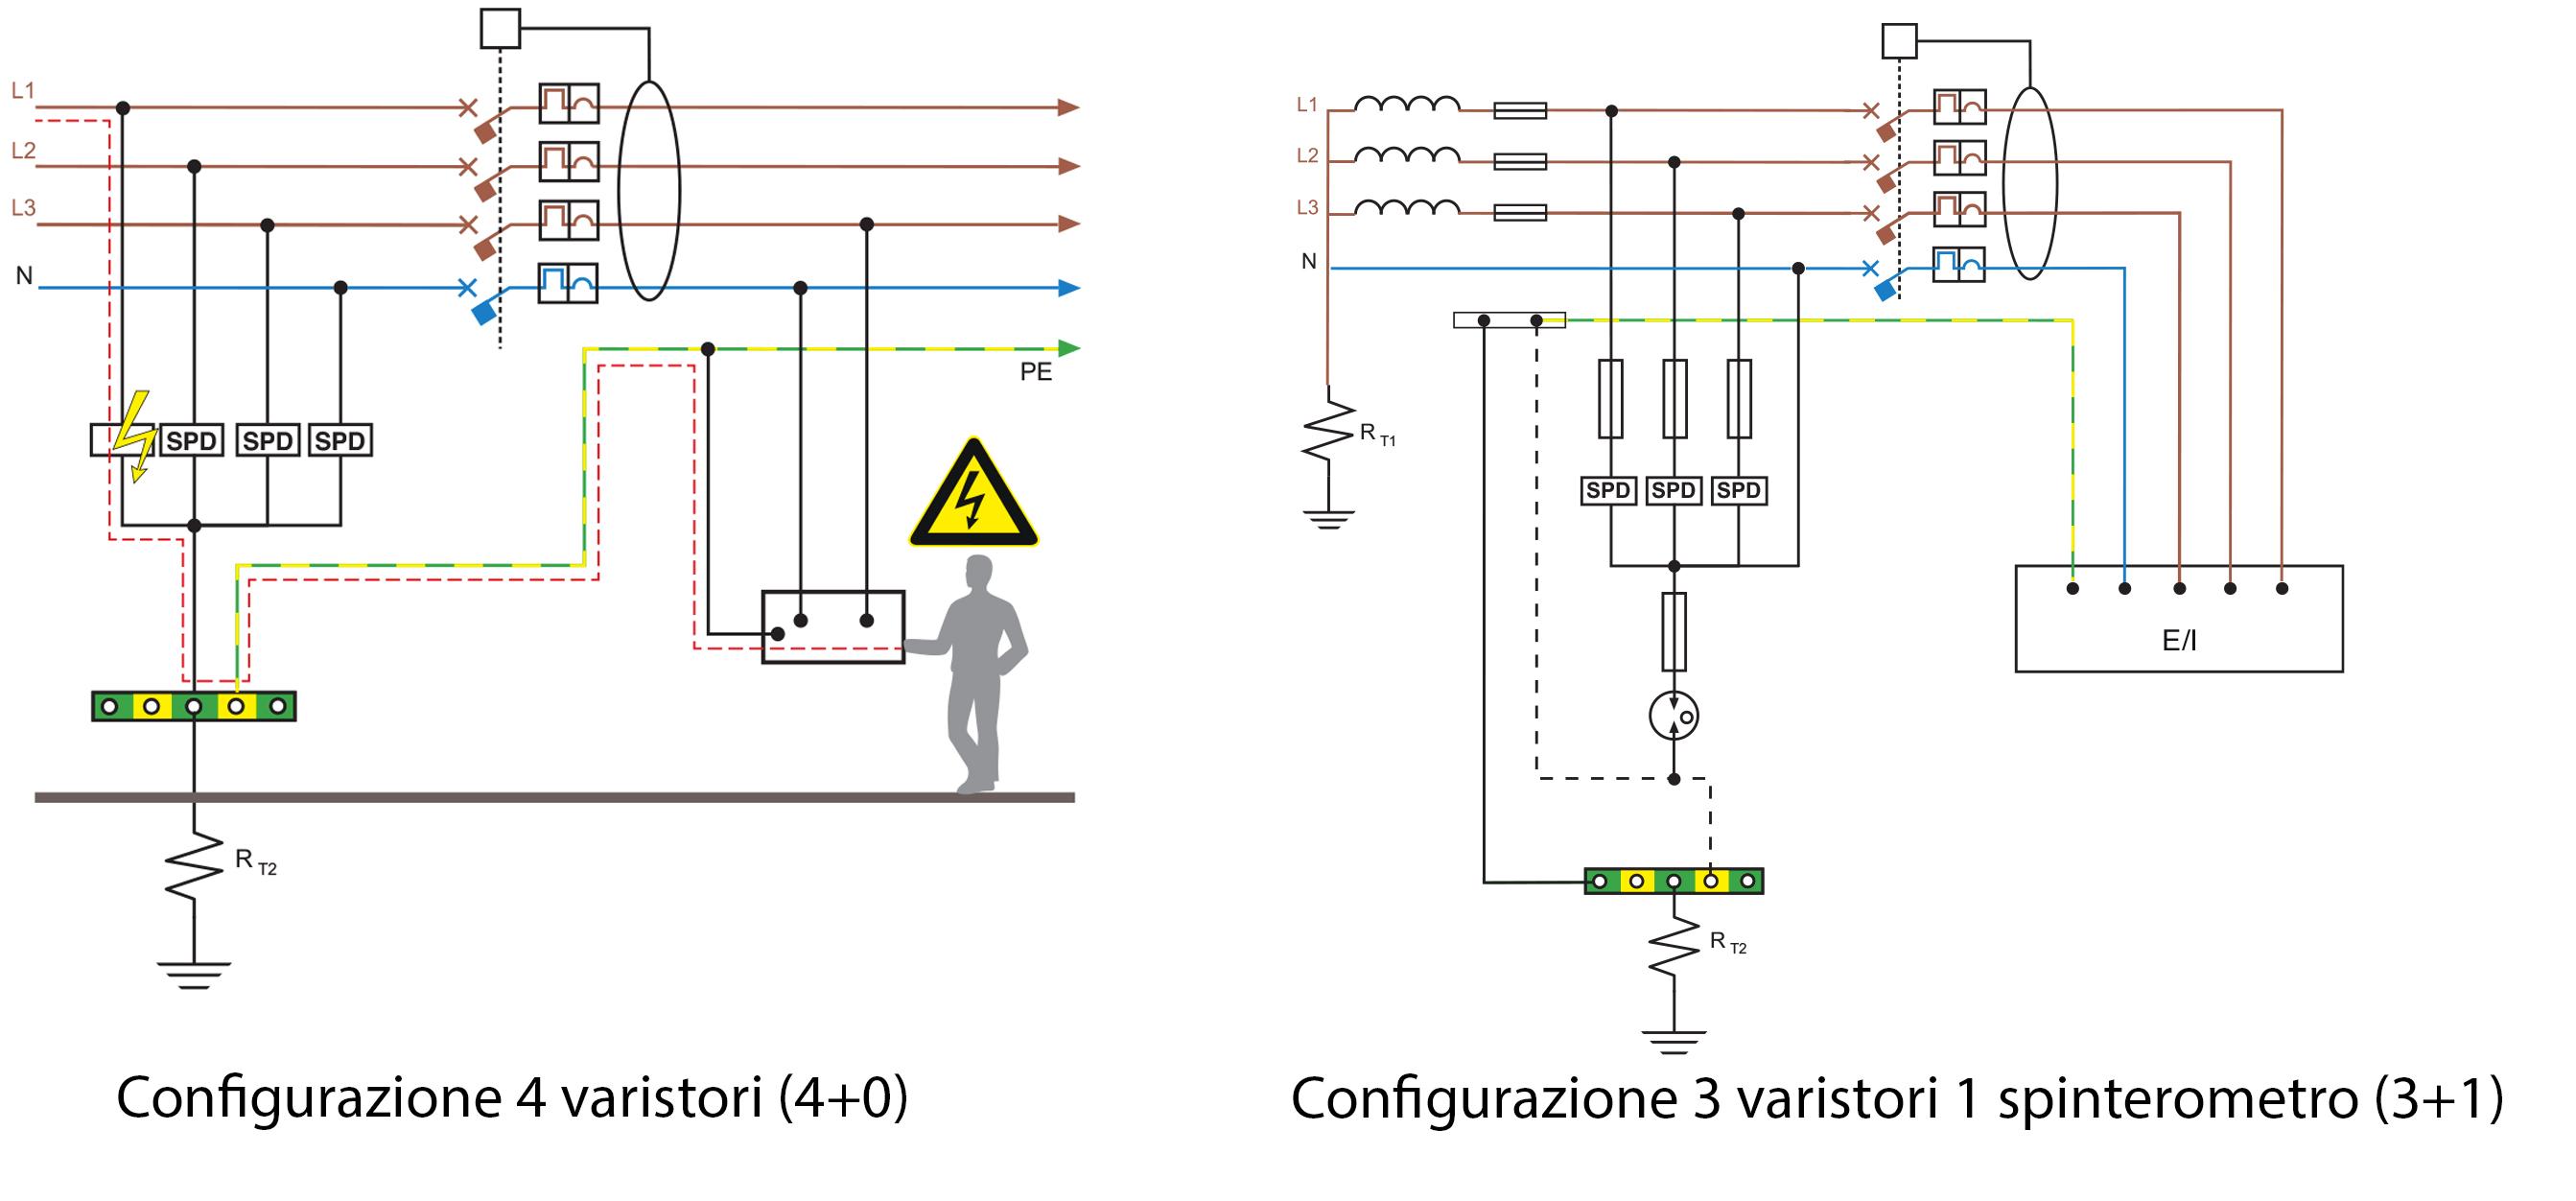 避雷器连接类型-C-3 + 1-4 + 0